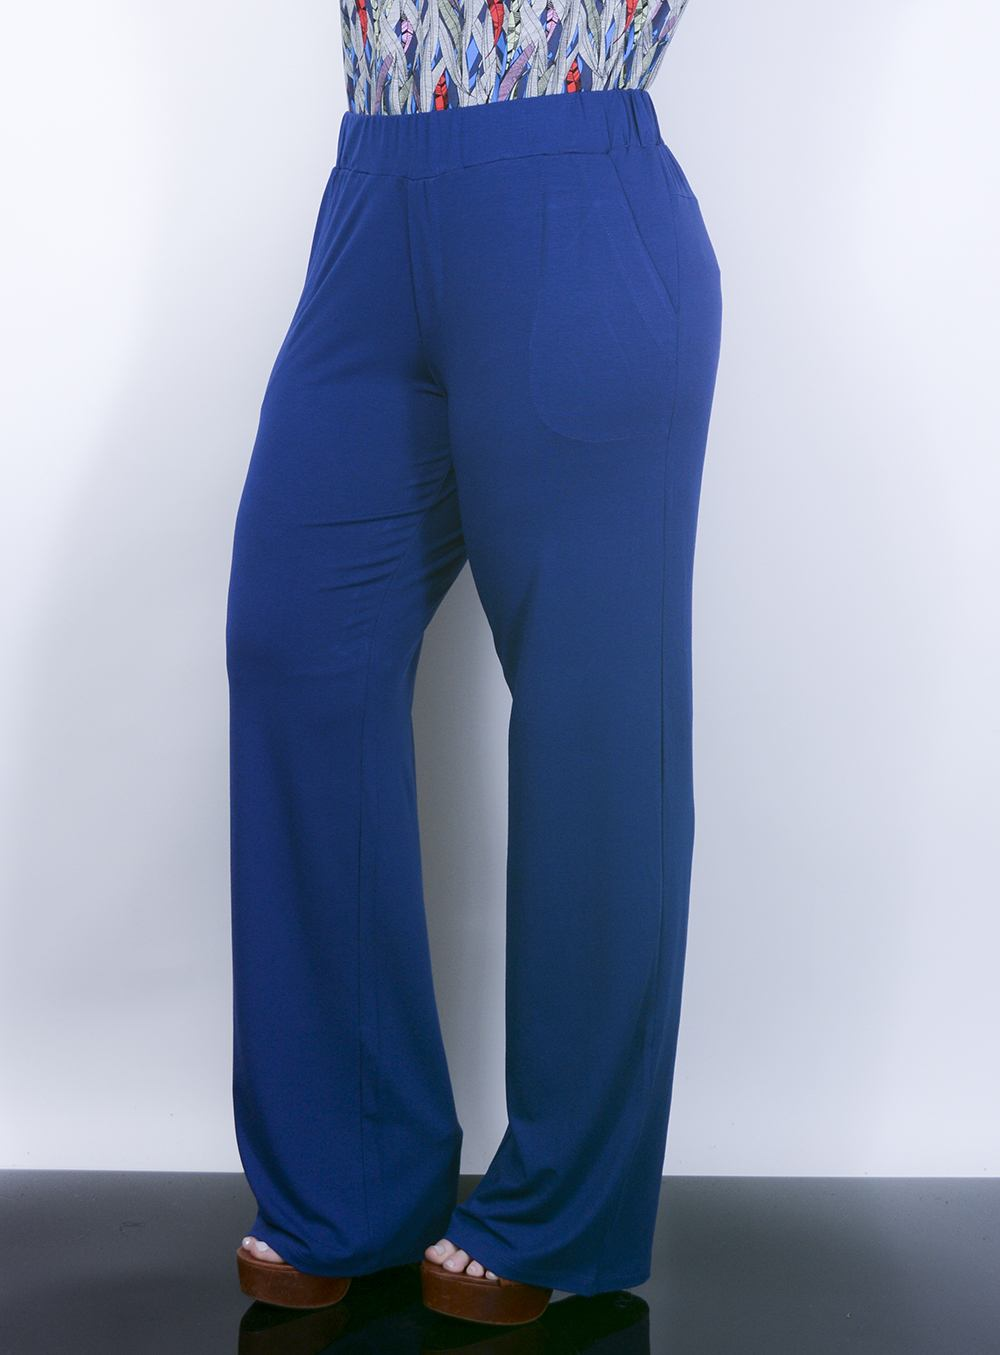 Calça Pantalona em Malha com Bolsos Azul Royal ref. AD5326